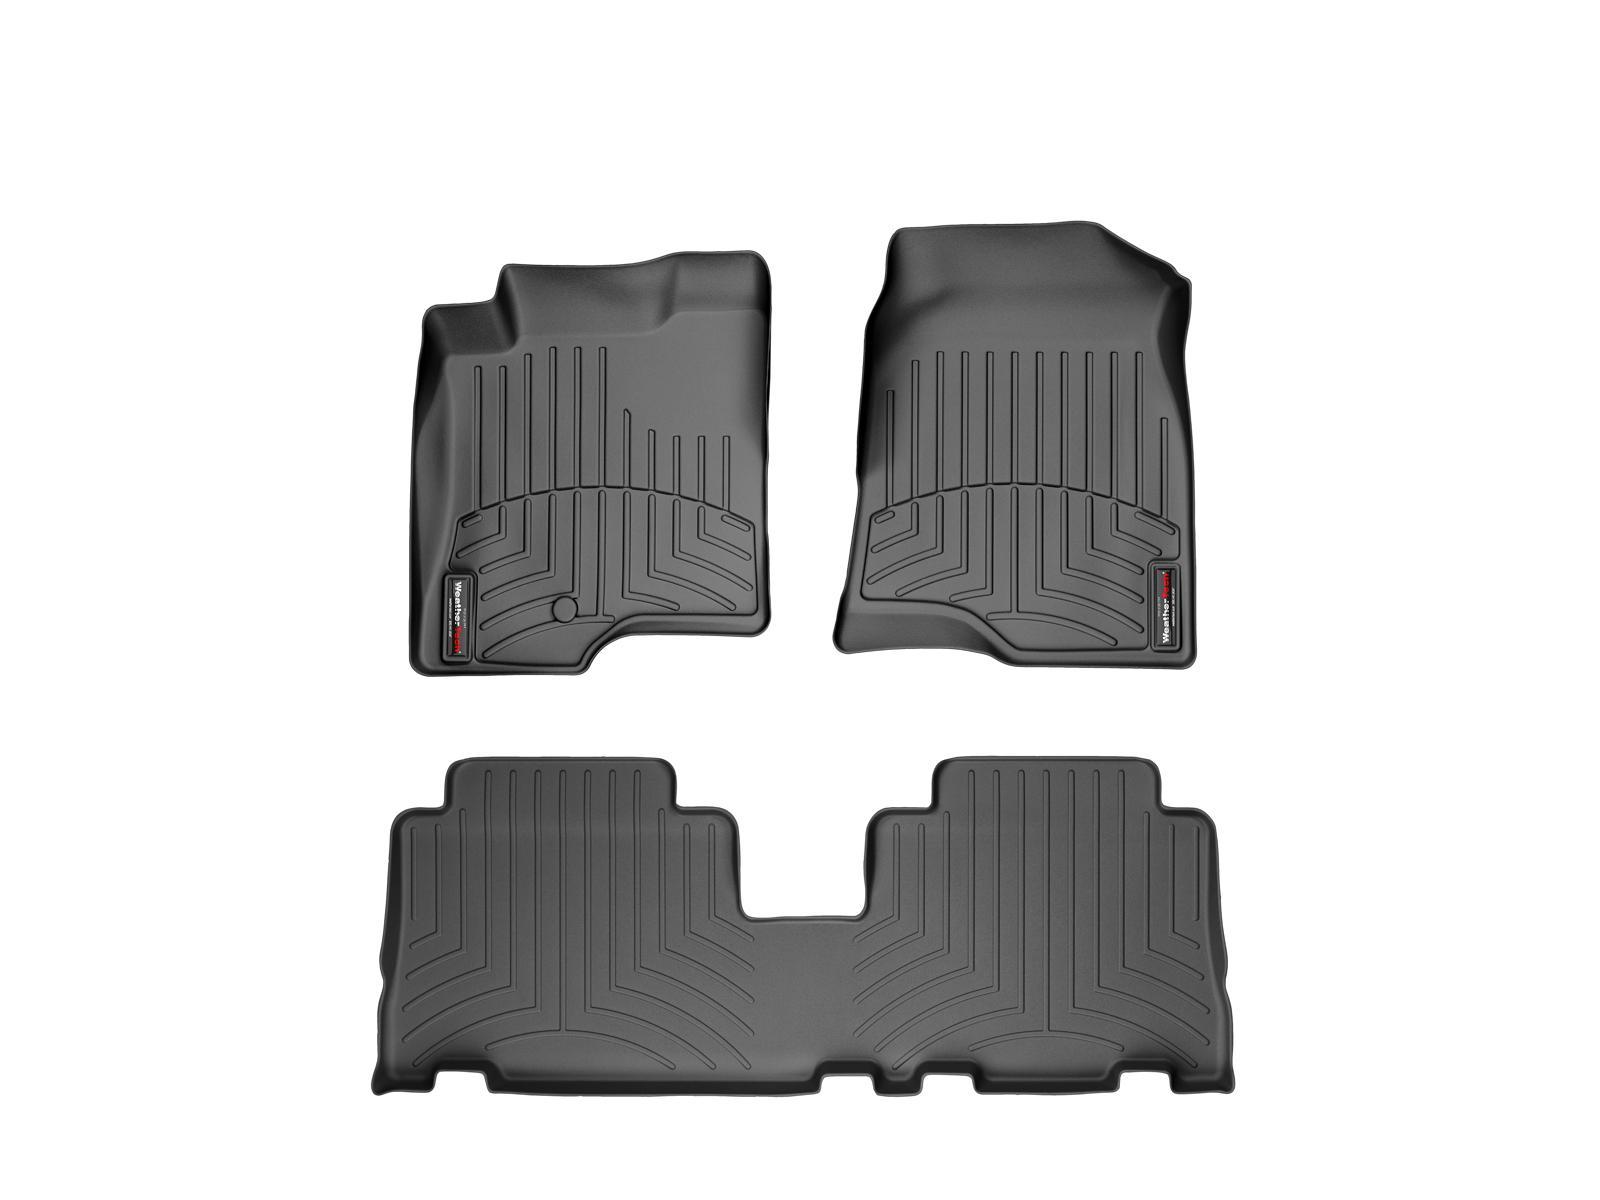 Tappeti gomma su misura bordo alto Opel Antara 06>14 Nero A2950